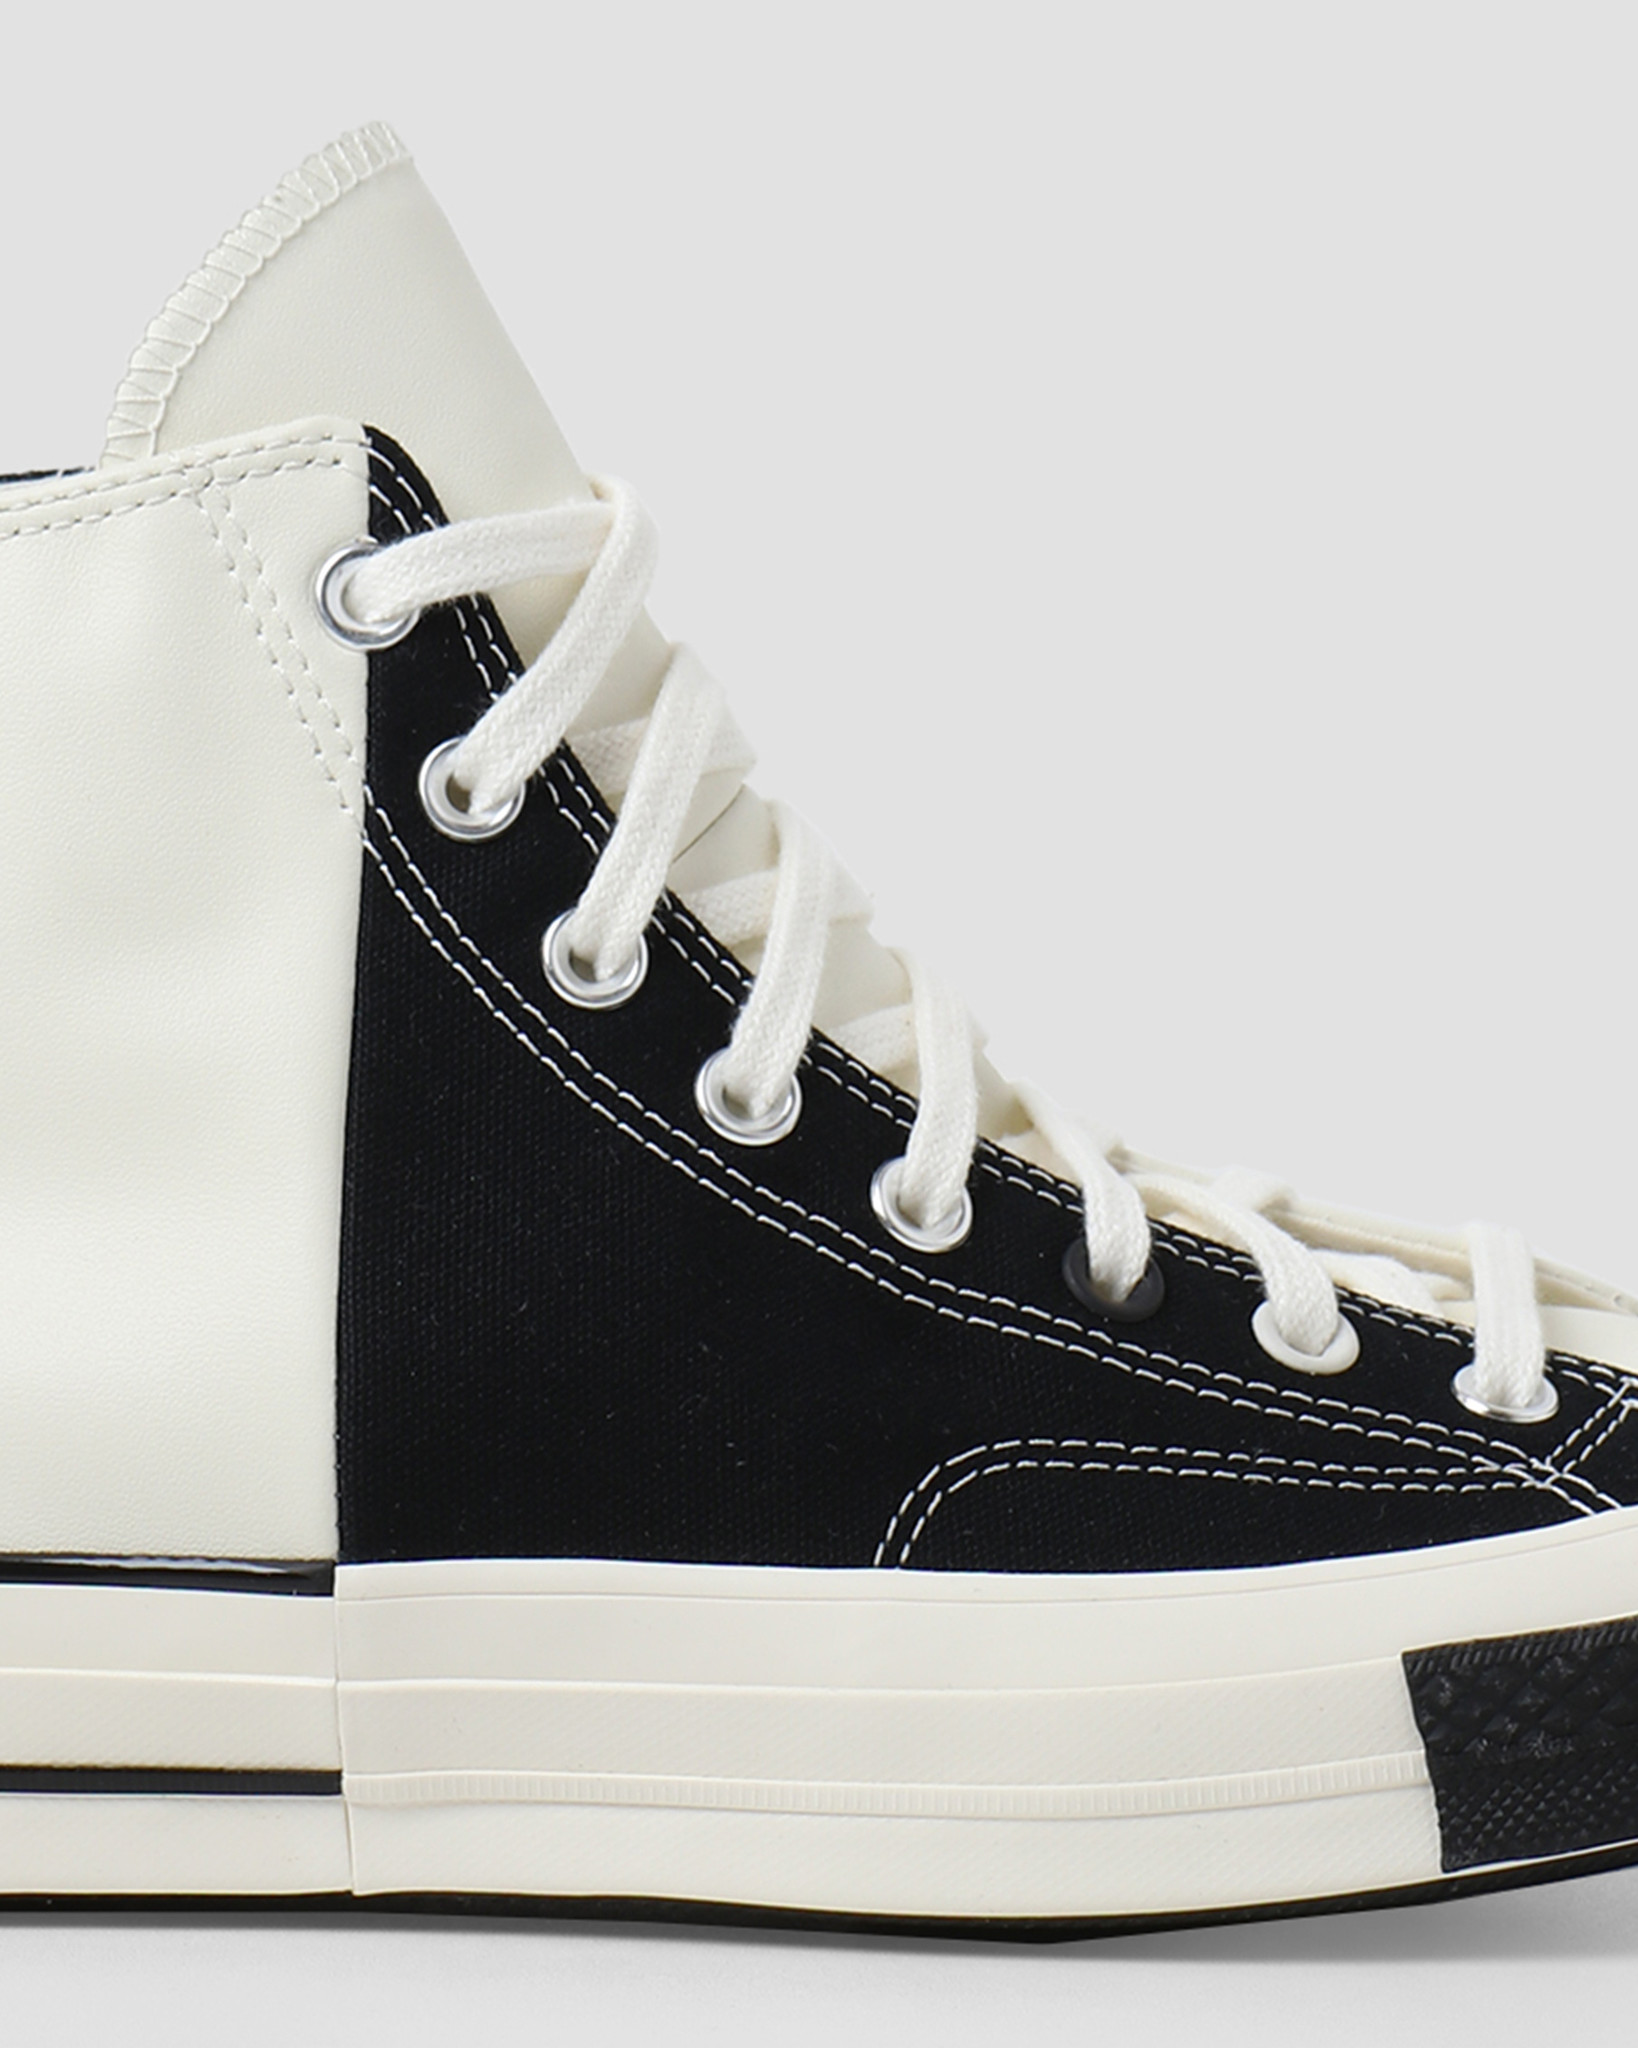 Converse Converse Chuck 70 HI Black Egret Black 168623C